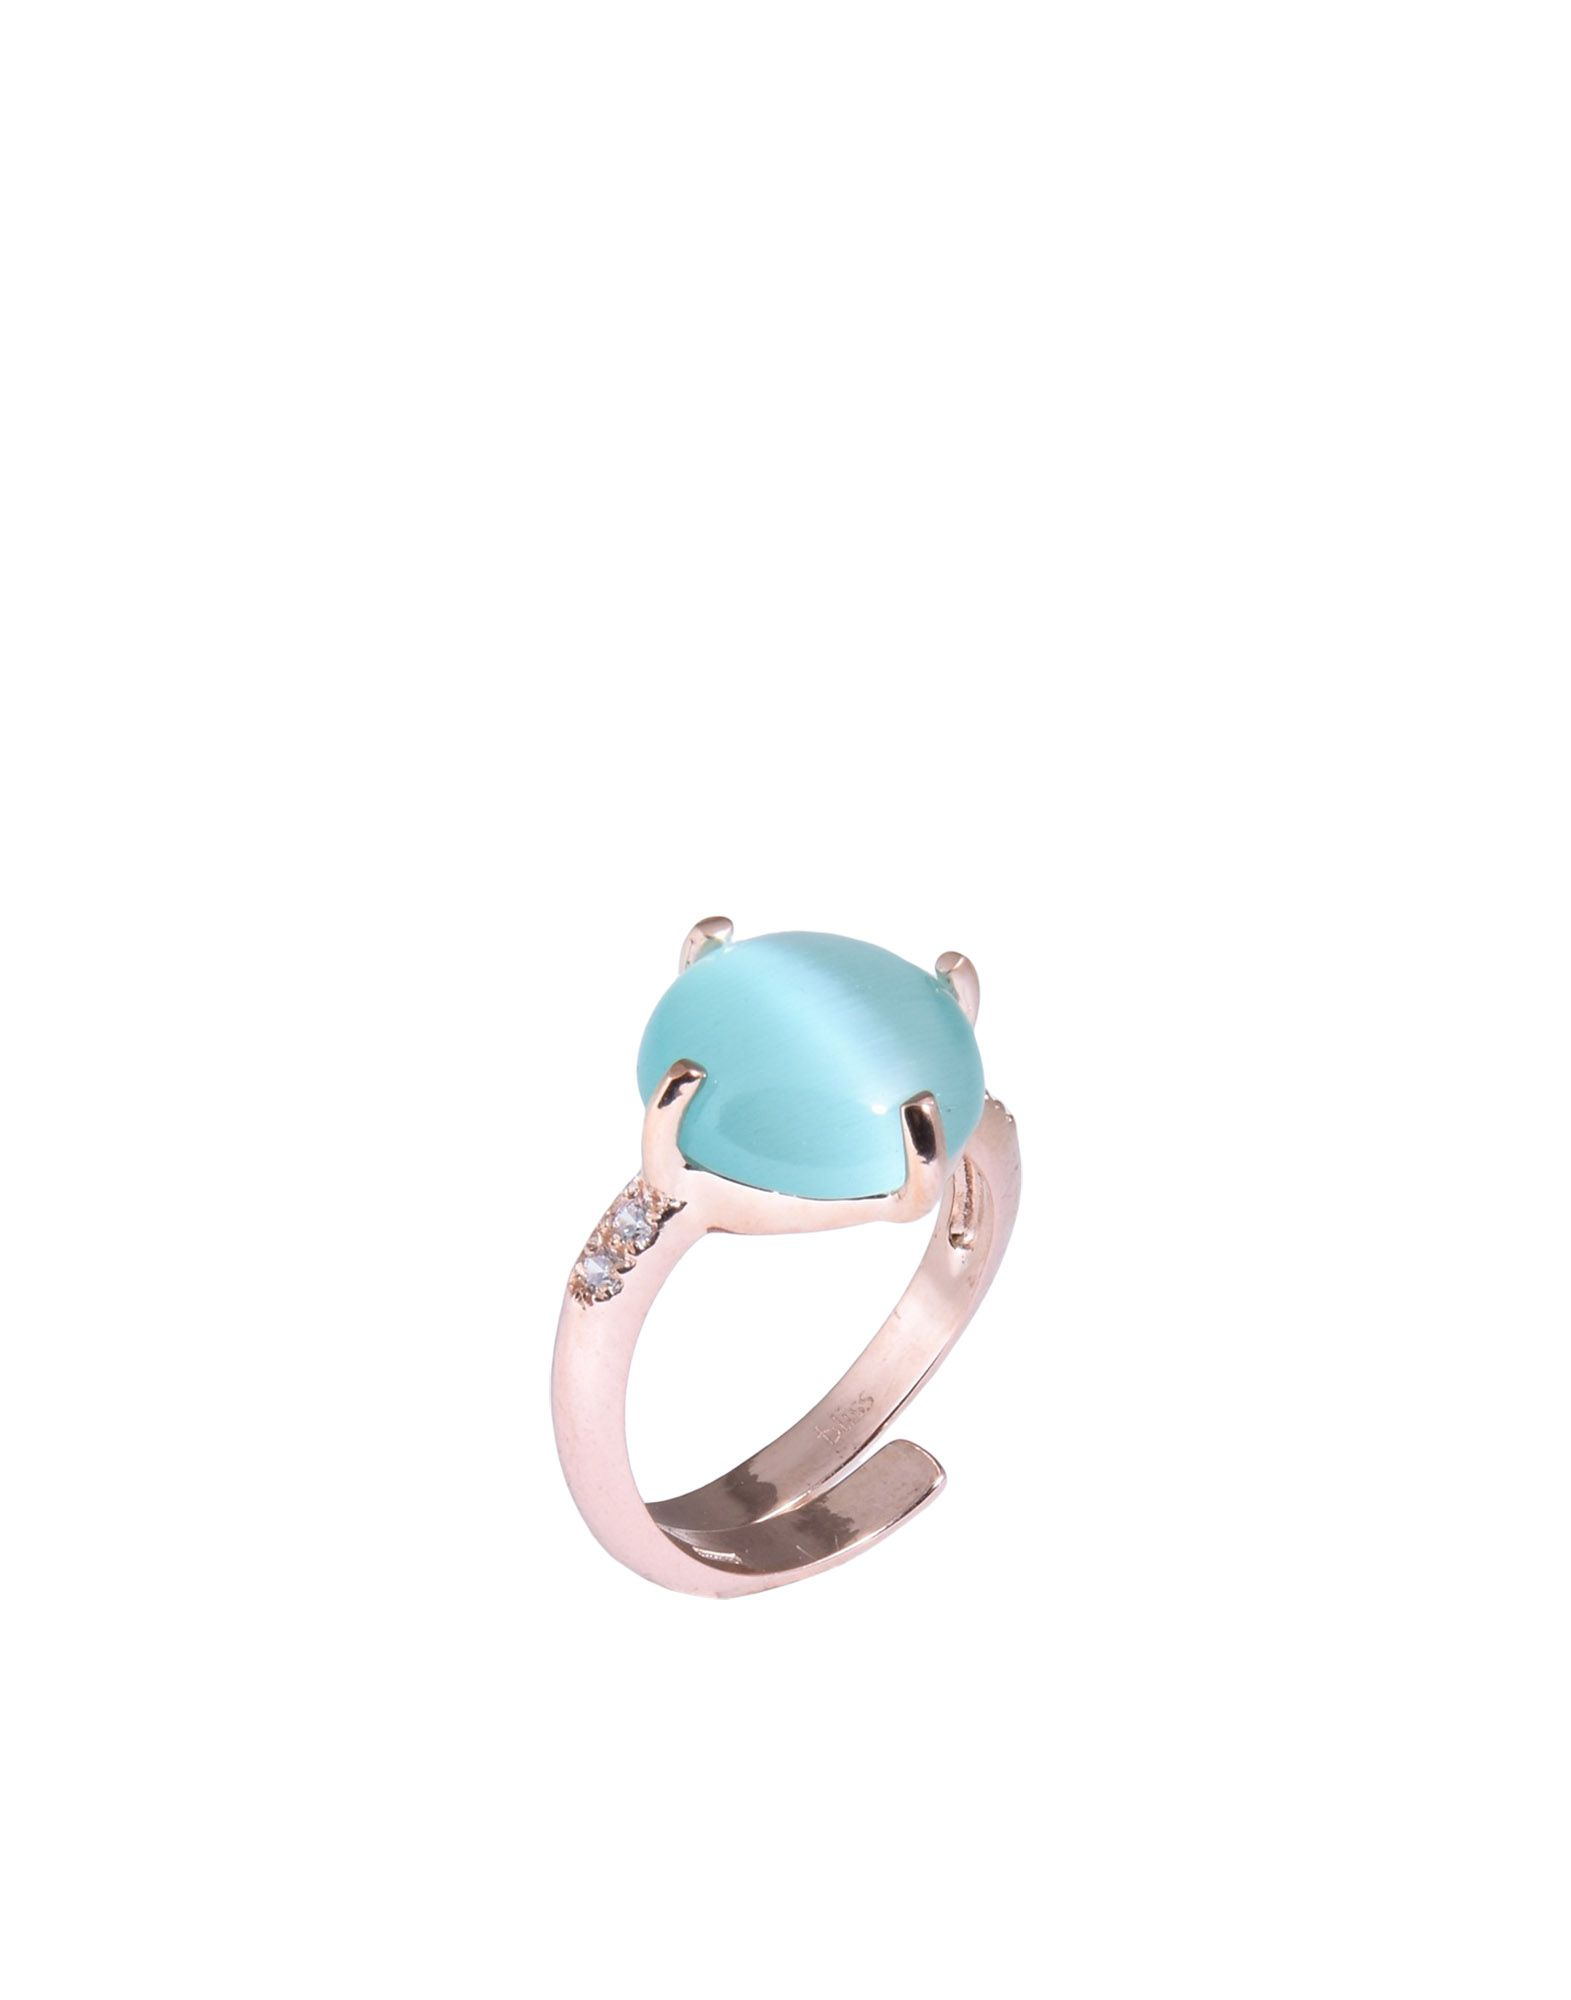 《送料無料》BLISS レディース 指輪 カッパー 14 シルバー925/1000 / 合成石